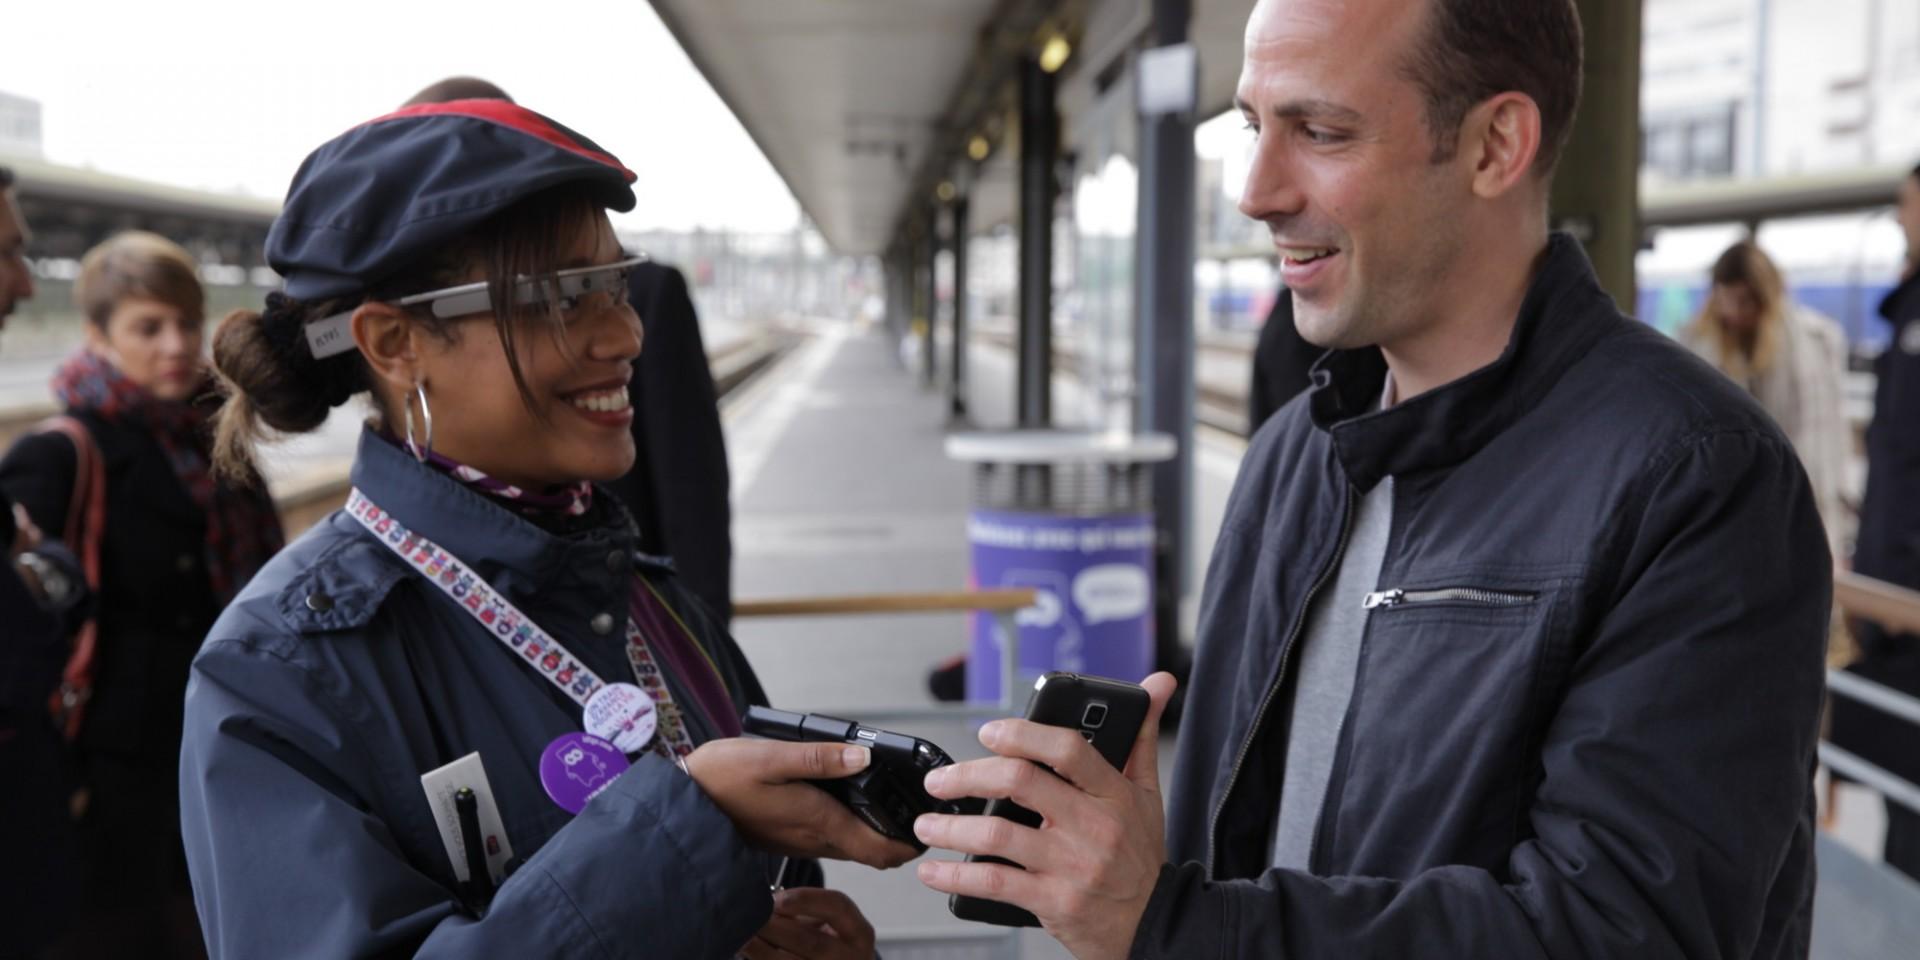 Una empleada de iDTGV (filial de SNCF) revisando uno de los billetes con las Google Glass.